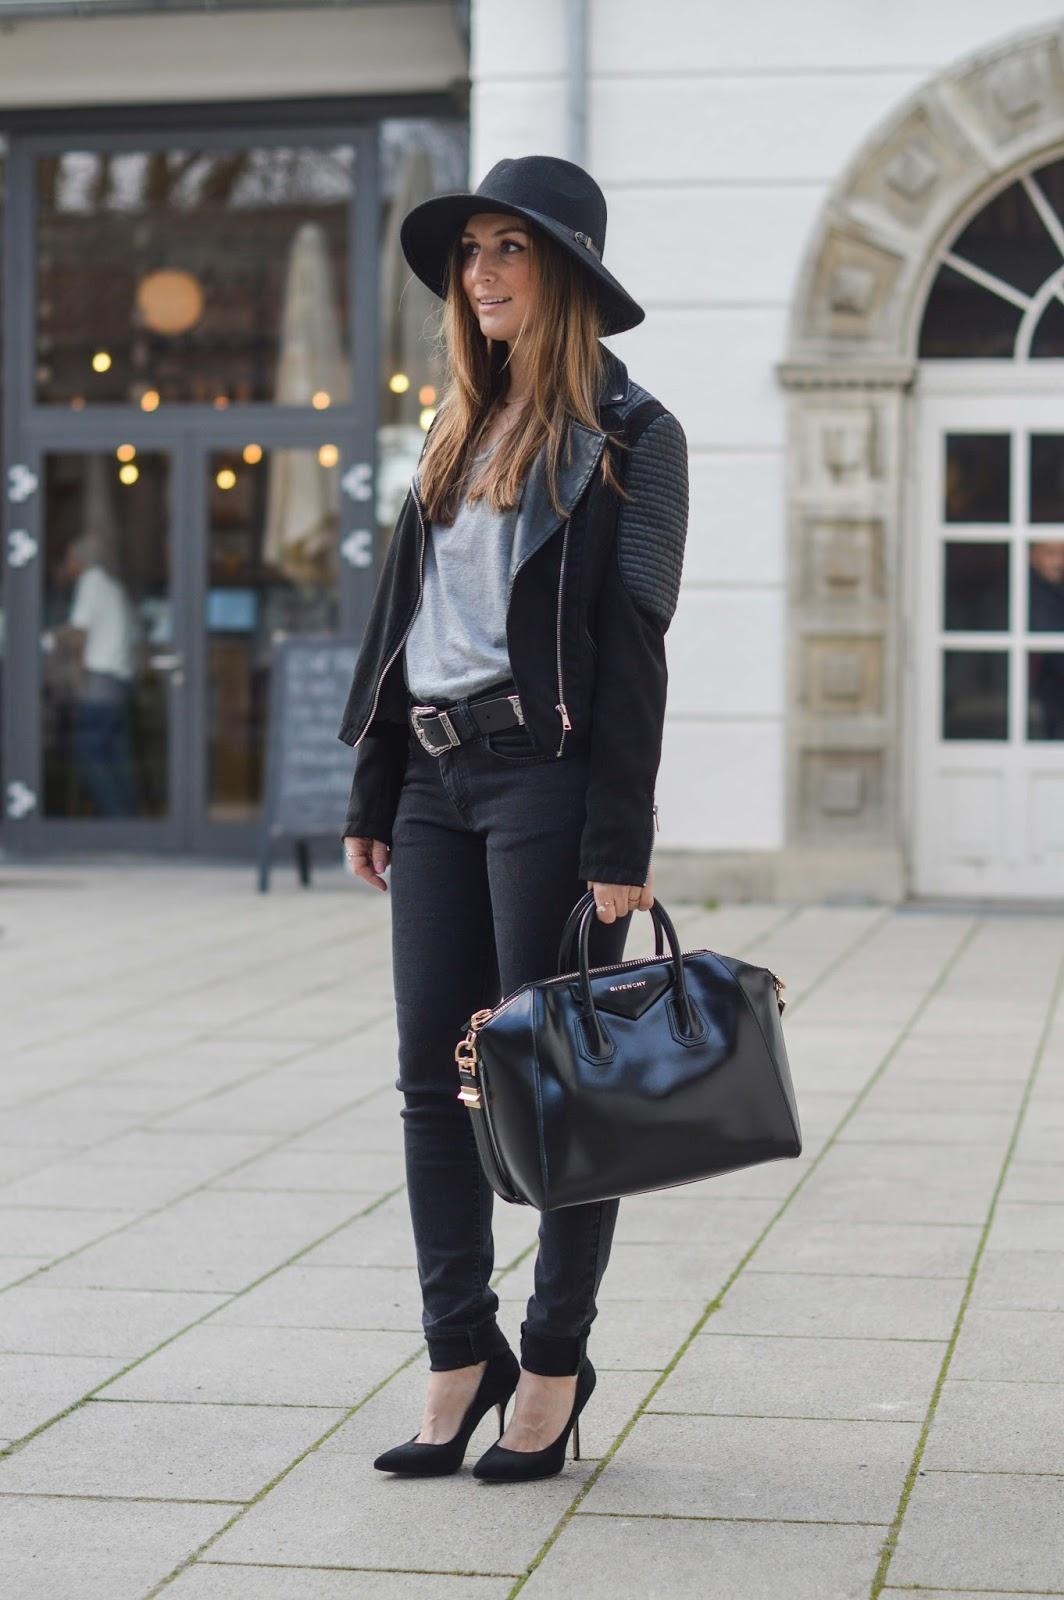 Deutsche Modeblogger- Deutschlands beste Modeblogger - Fashionblogger aus Deutschland - - German Fashionblogger - Deutsche Fashionblogger